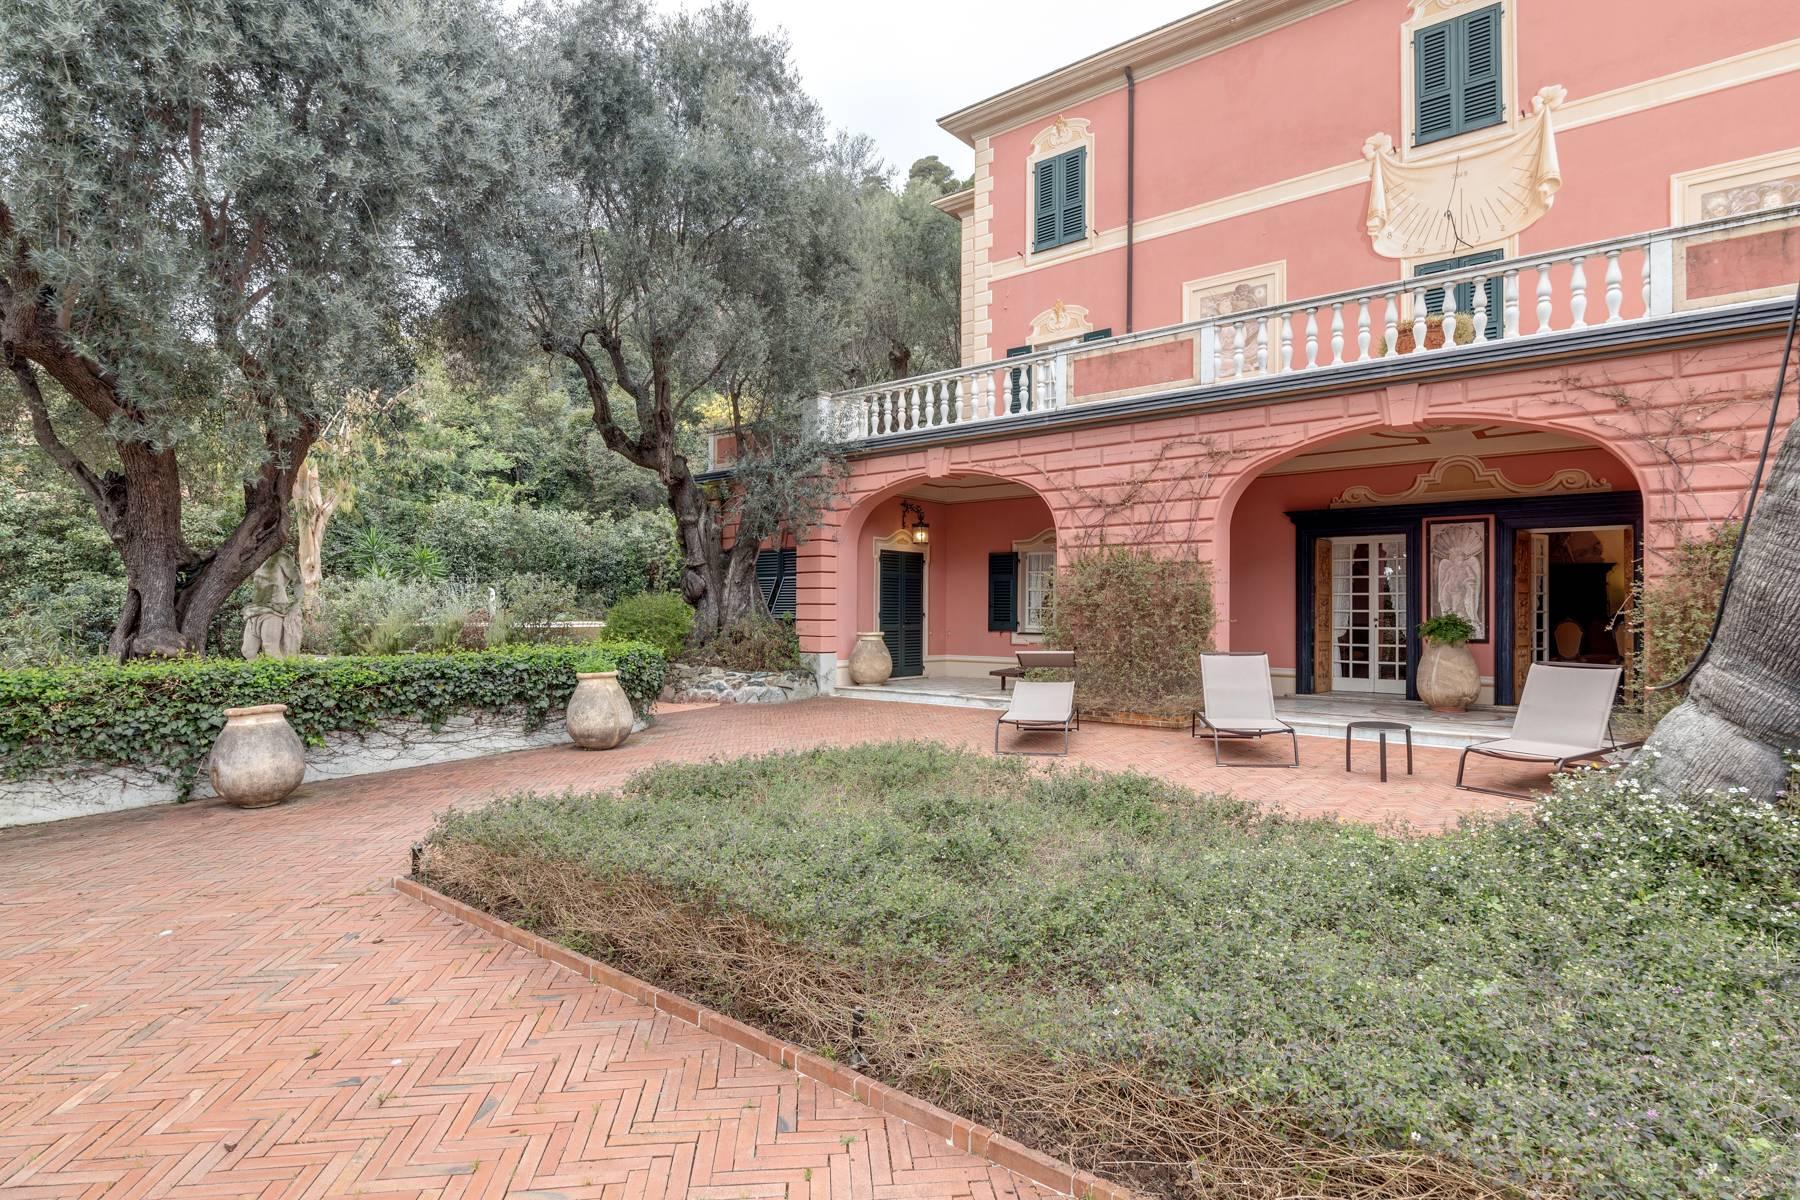 Villa in Vendita a Arenzano: 5 locali, 600 mq - Foto 4